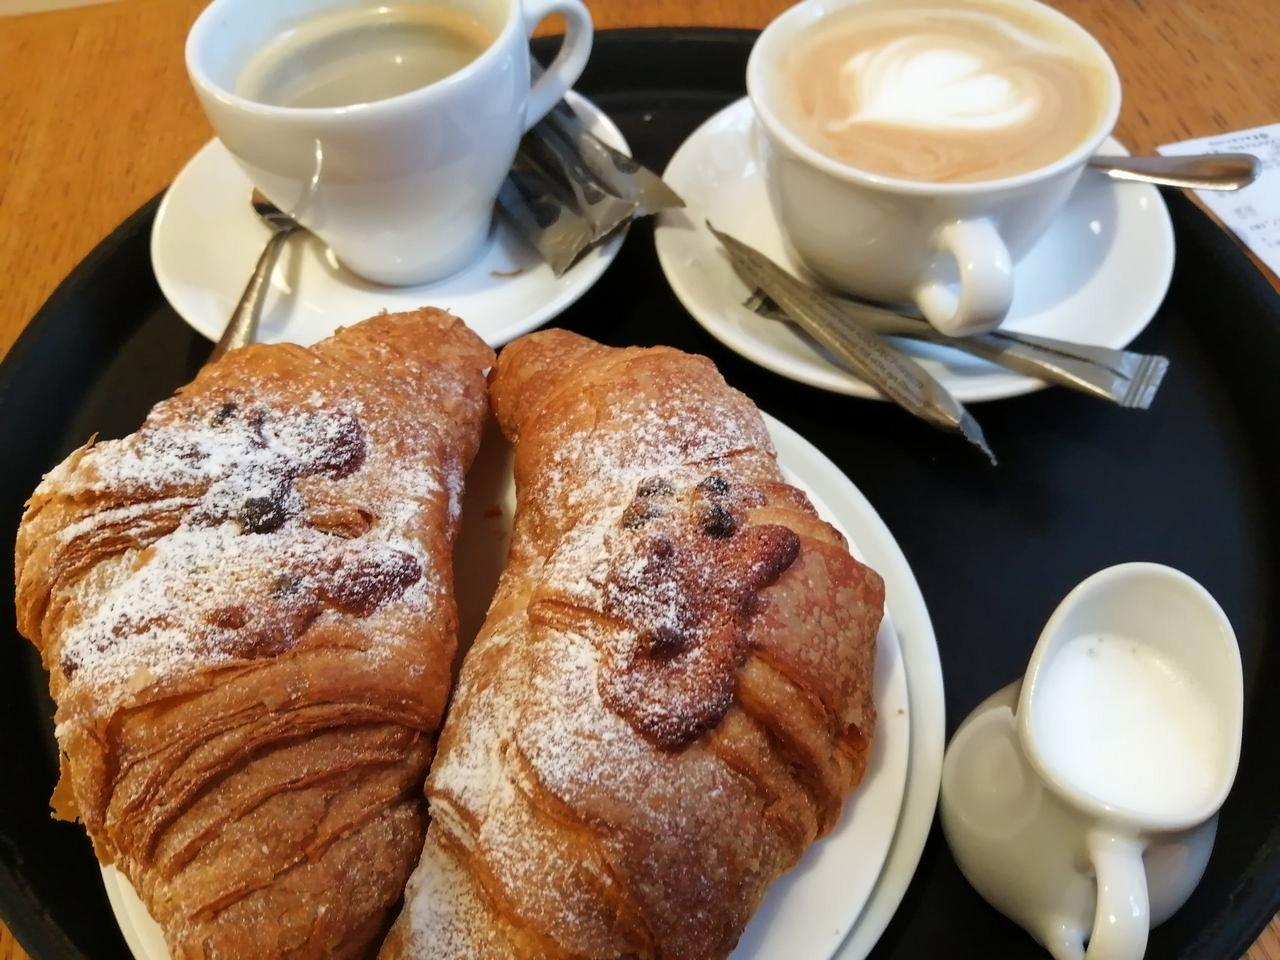 Dónde comer en Kiev un buen desayuno: Boulangerie Artisan.